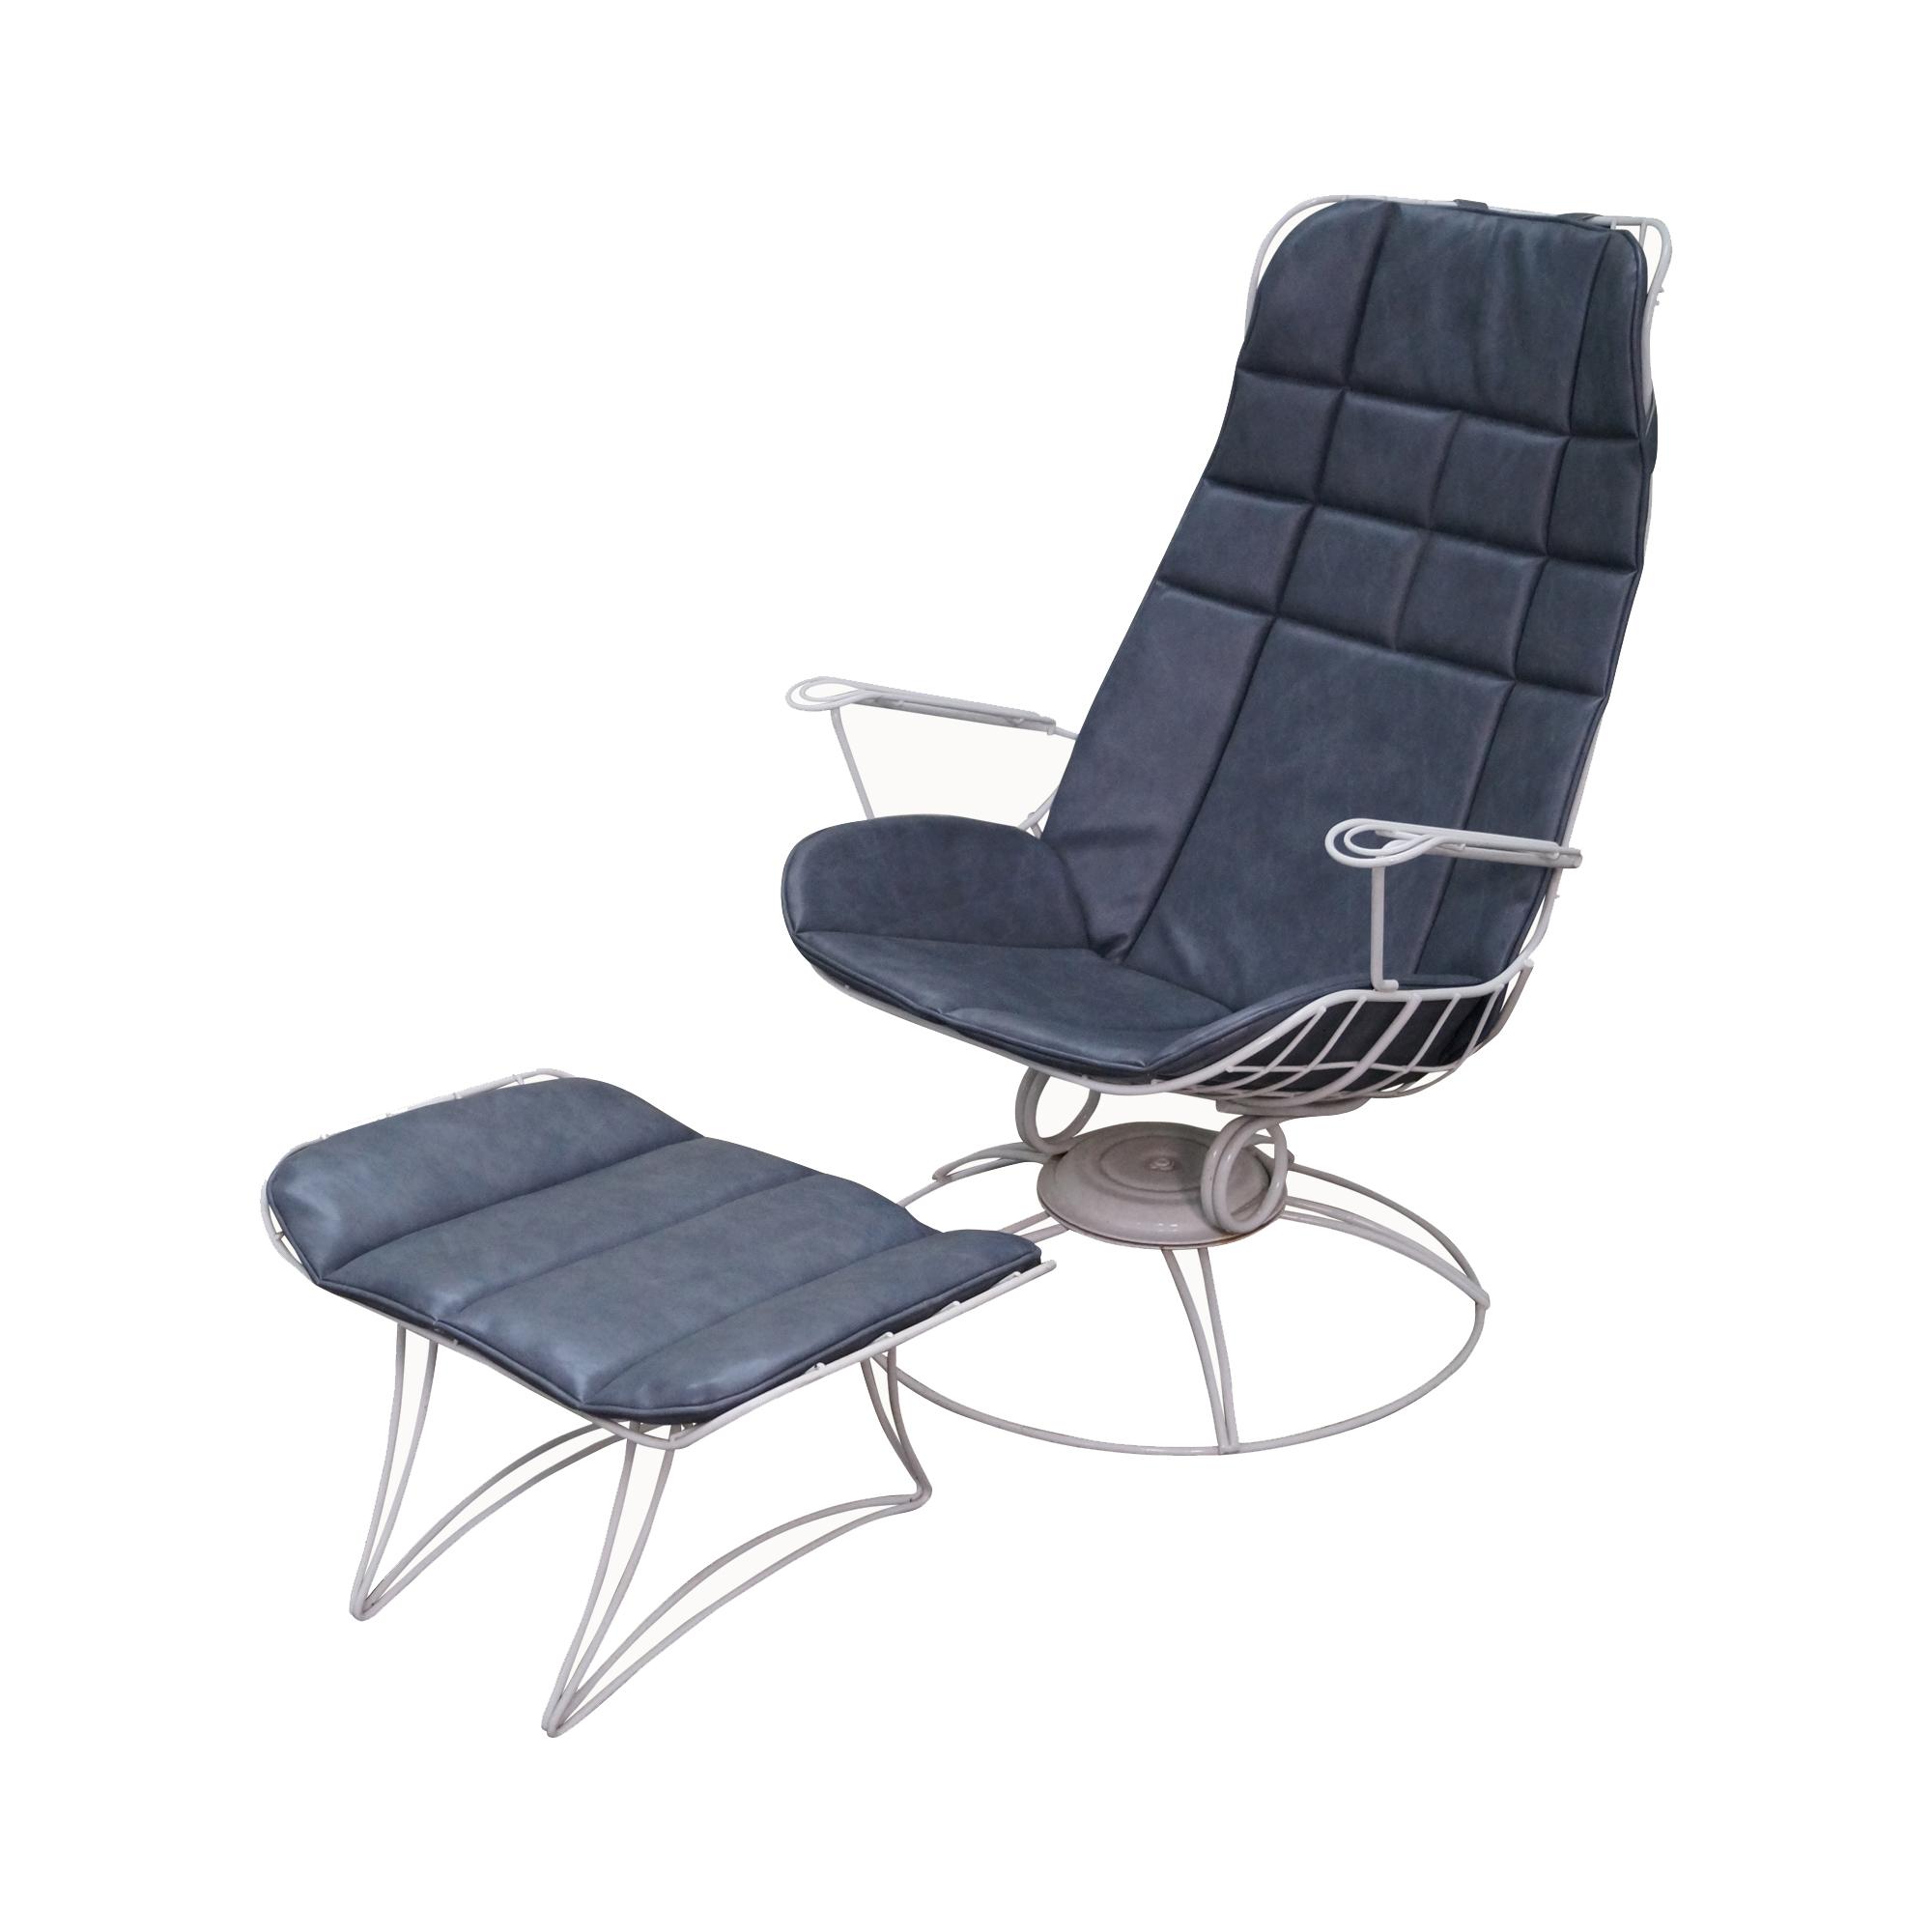 Homecrest Mid Century Wire Frame Chair U0026 Ottoman